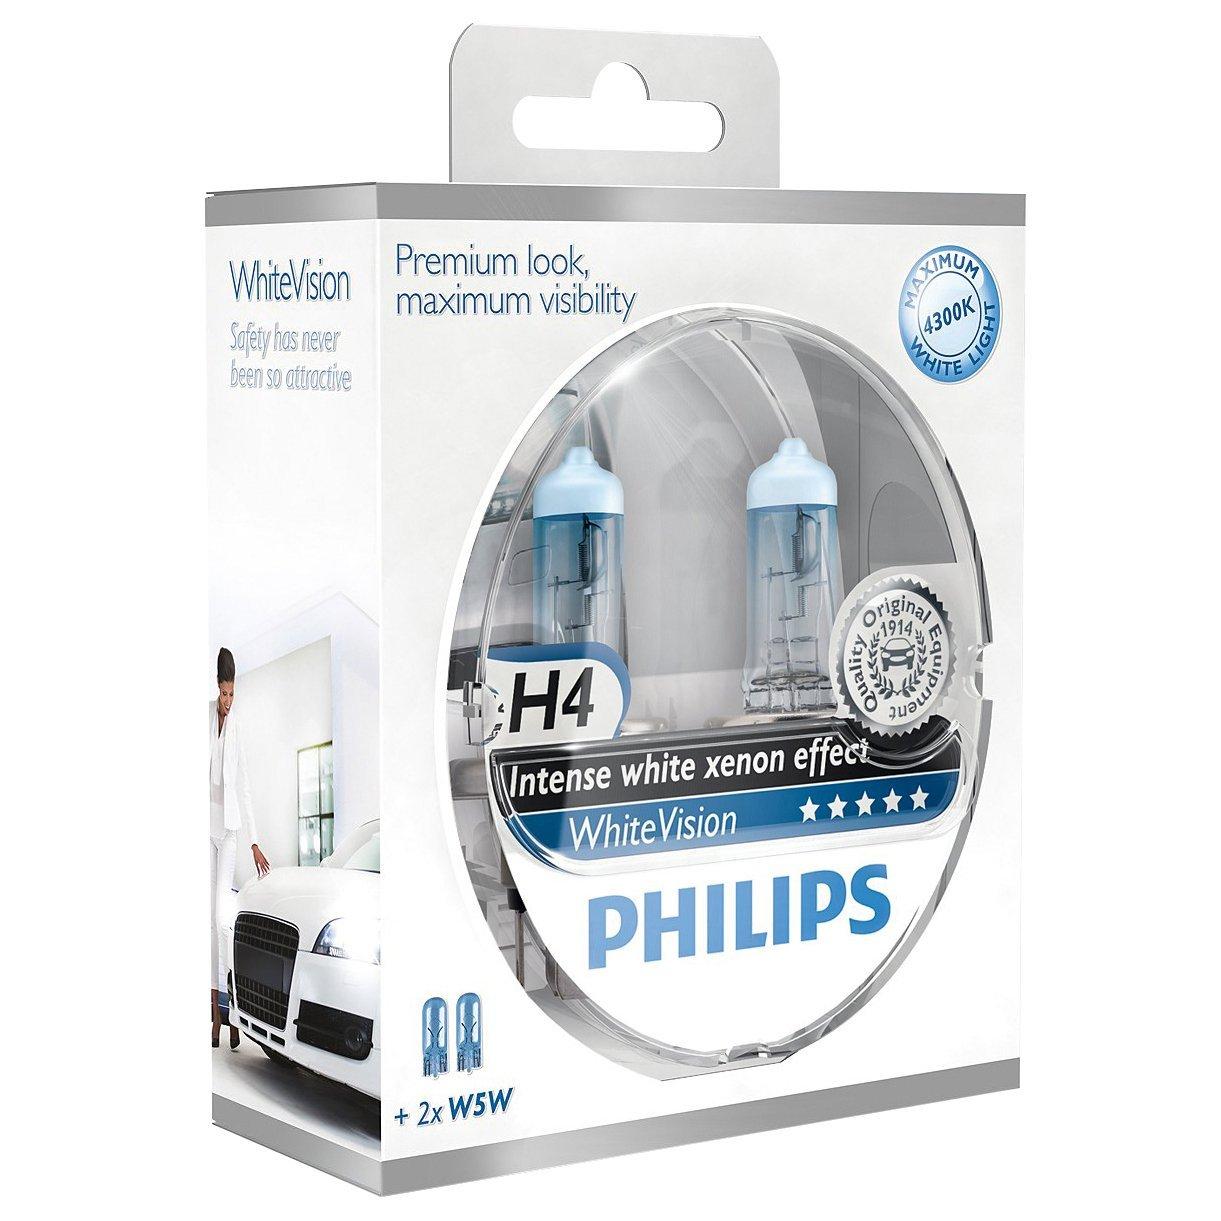 [Amazon Prime] Philips WhiteVision Xenon-Effekt H4 Scheinwerferlampe 12342WHVSM, 2er-Set für 11,06€